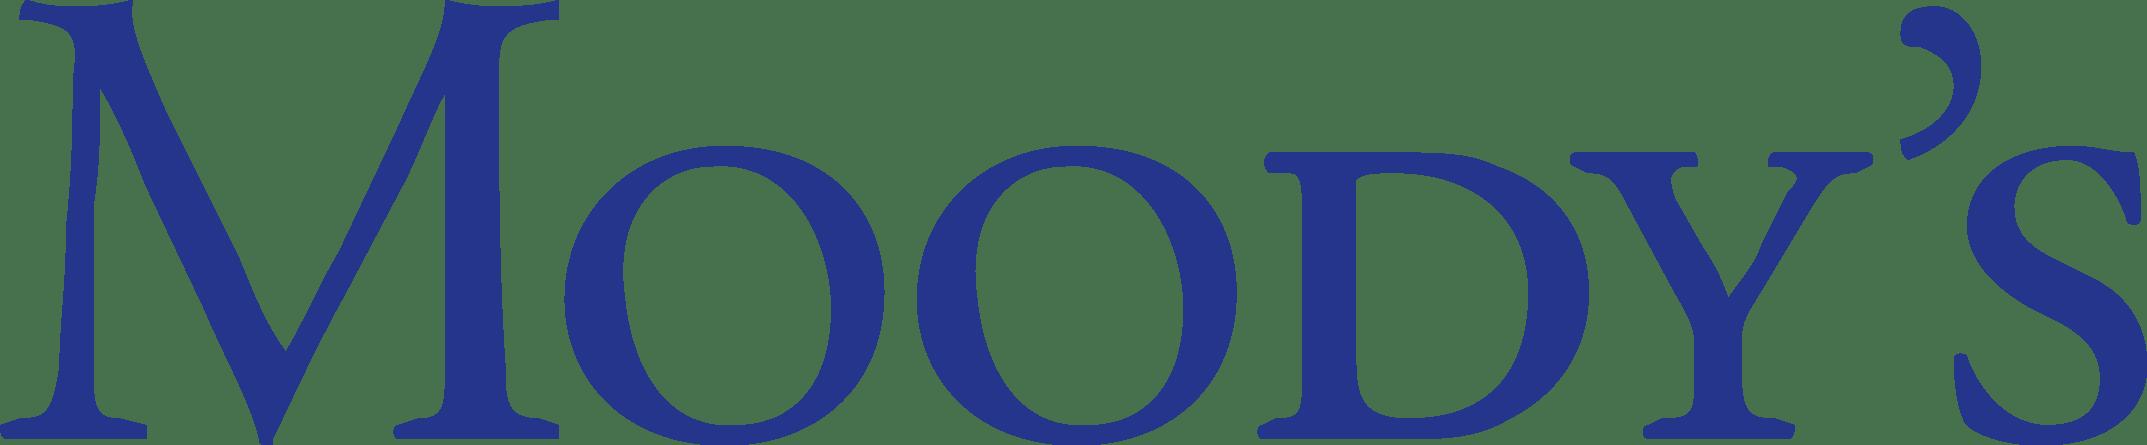 Moodys Investors Service Logo [moodys.com] png